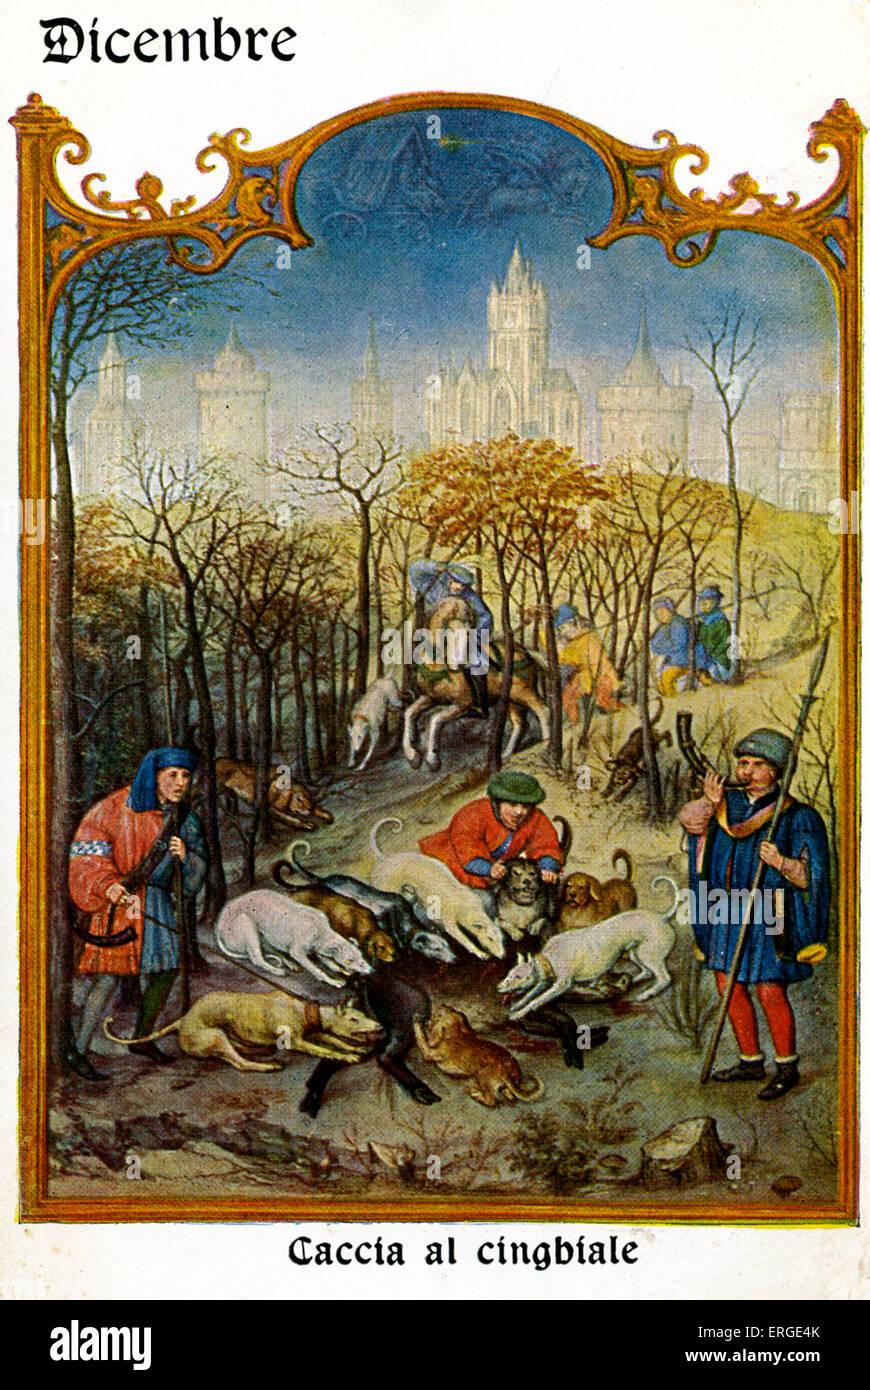 Grimani Breviary (Breivario Grimani) - December (Dicembre). Scene entitled 'Caccia al cinghiale' ('Wild - Stock Image